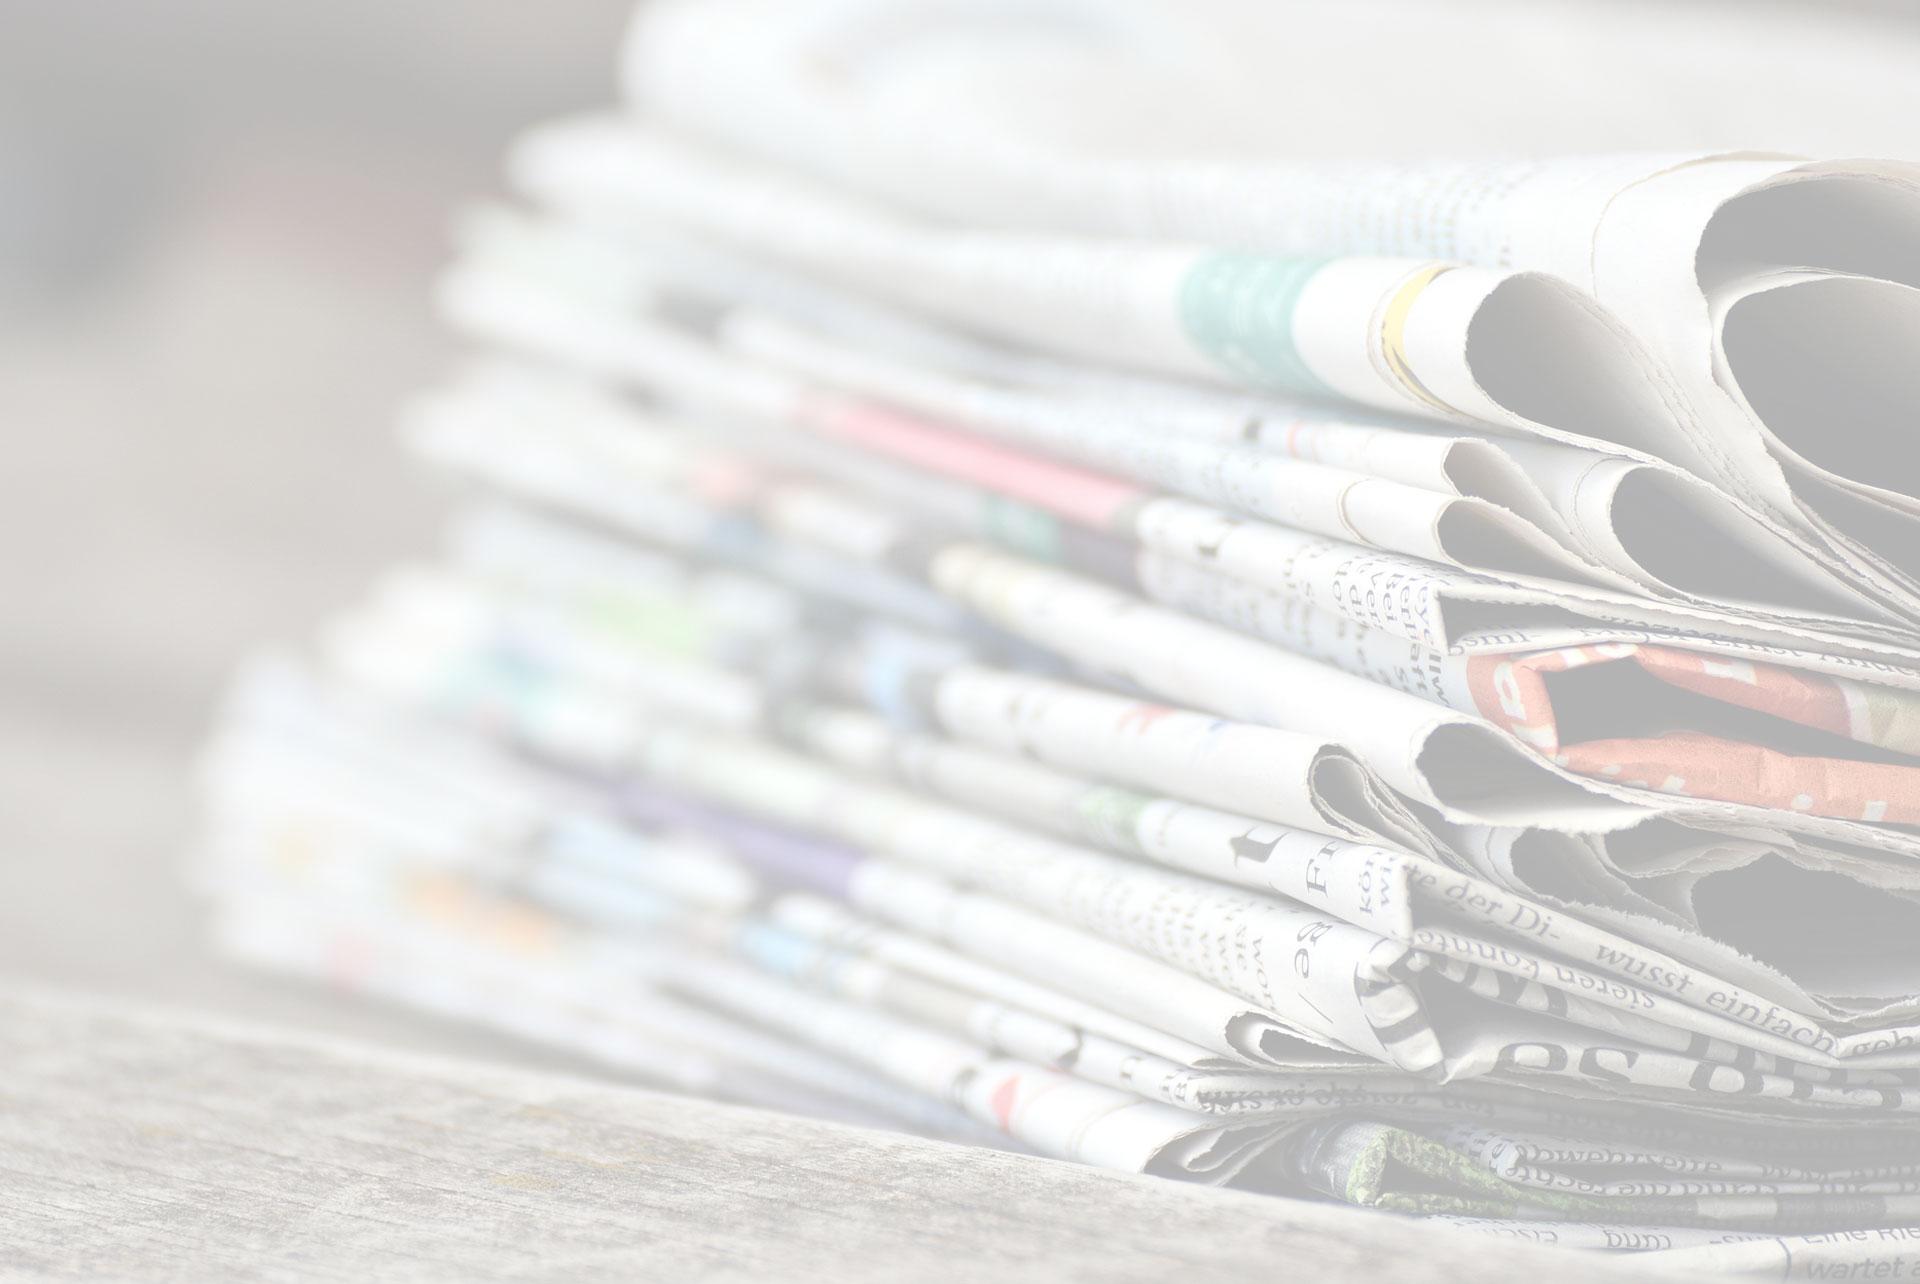 Le migliori versioni di tetris gratis che possiamo usare anc